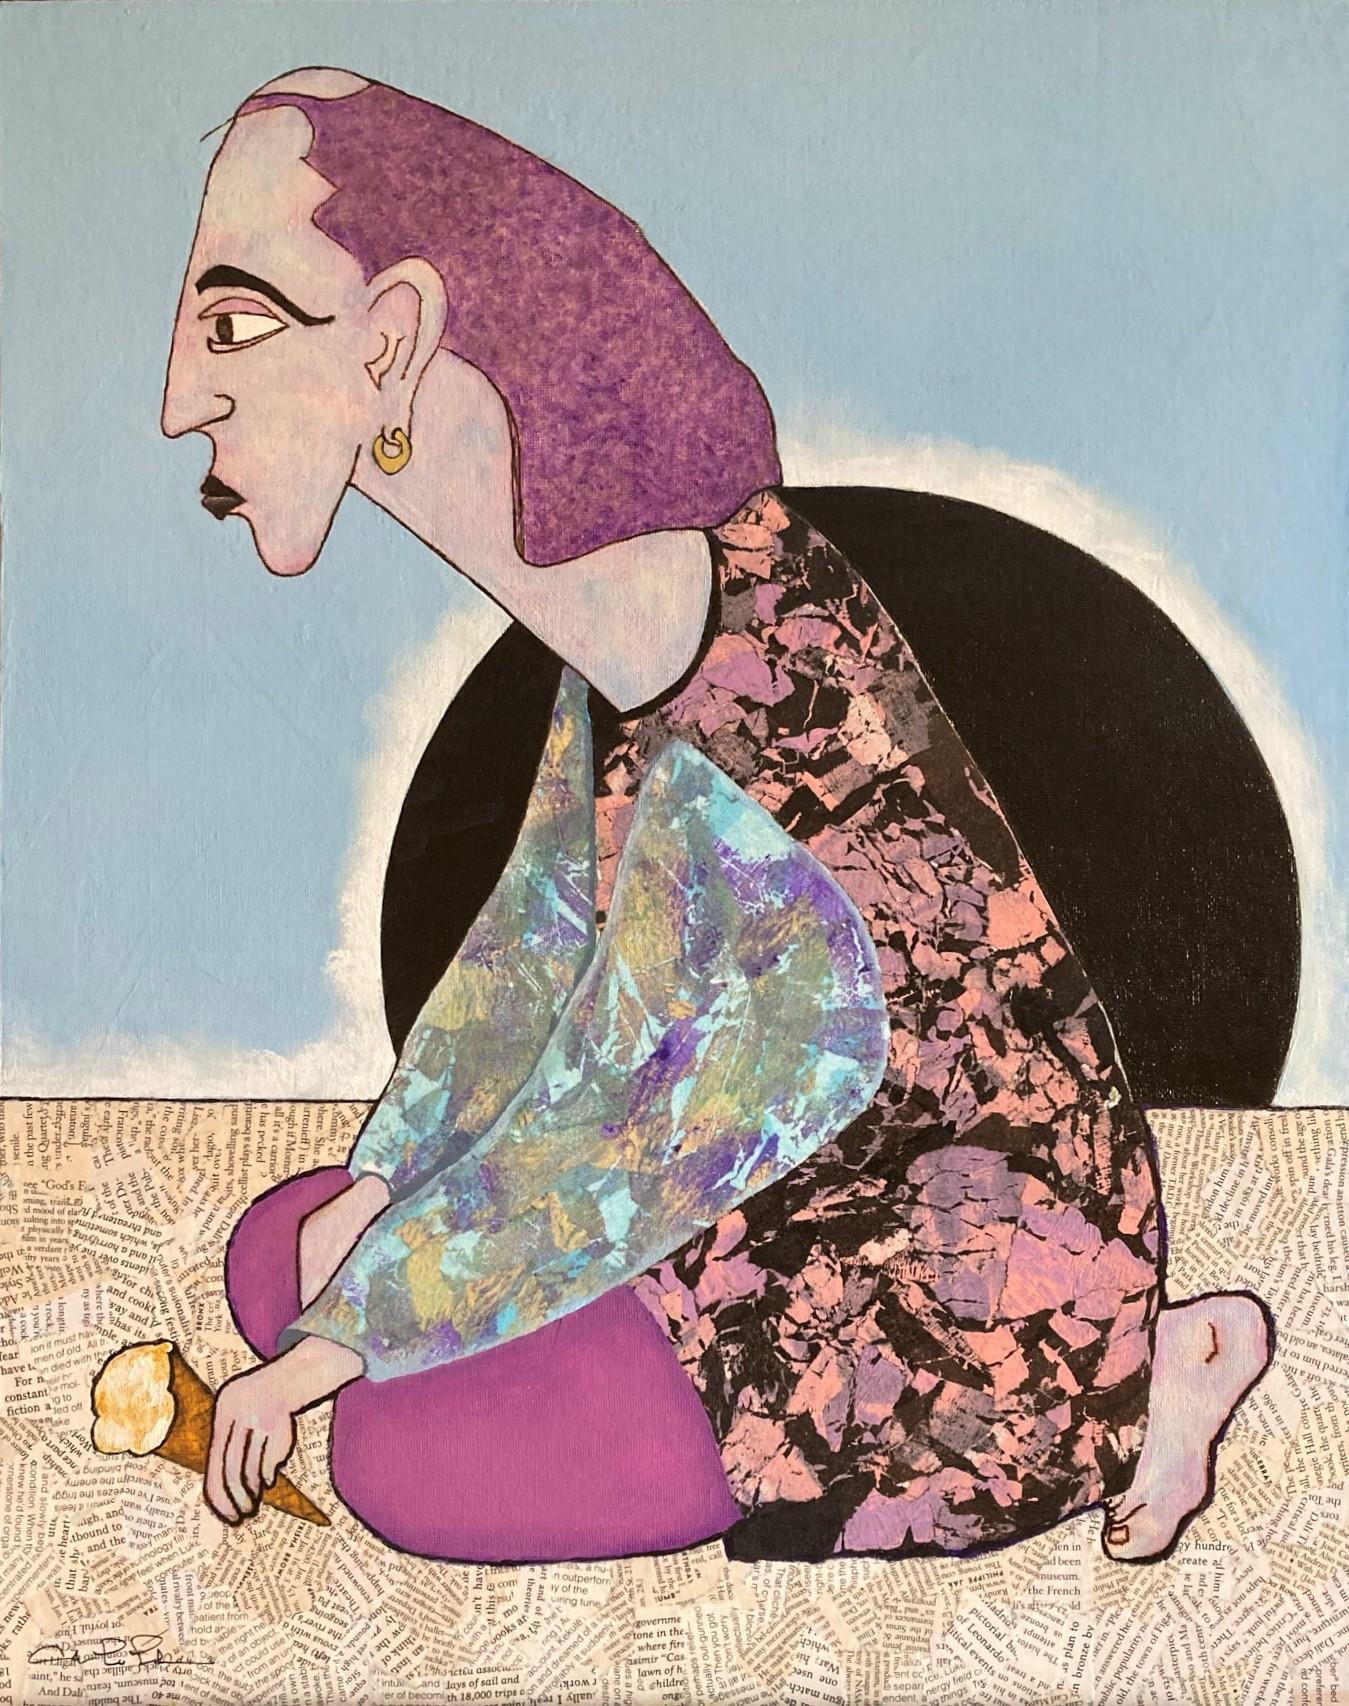 Carol LaLonde